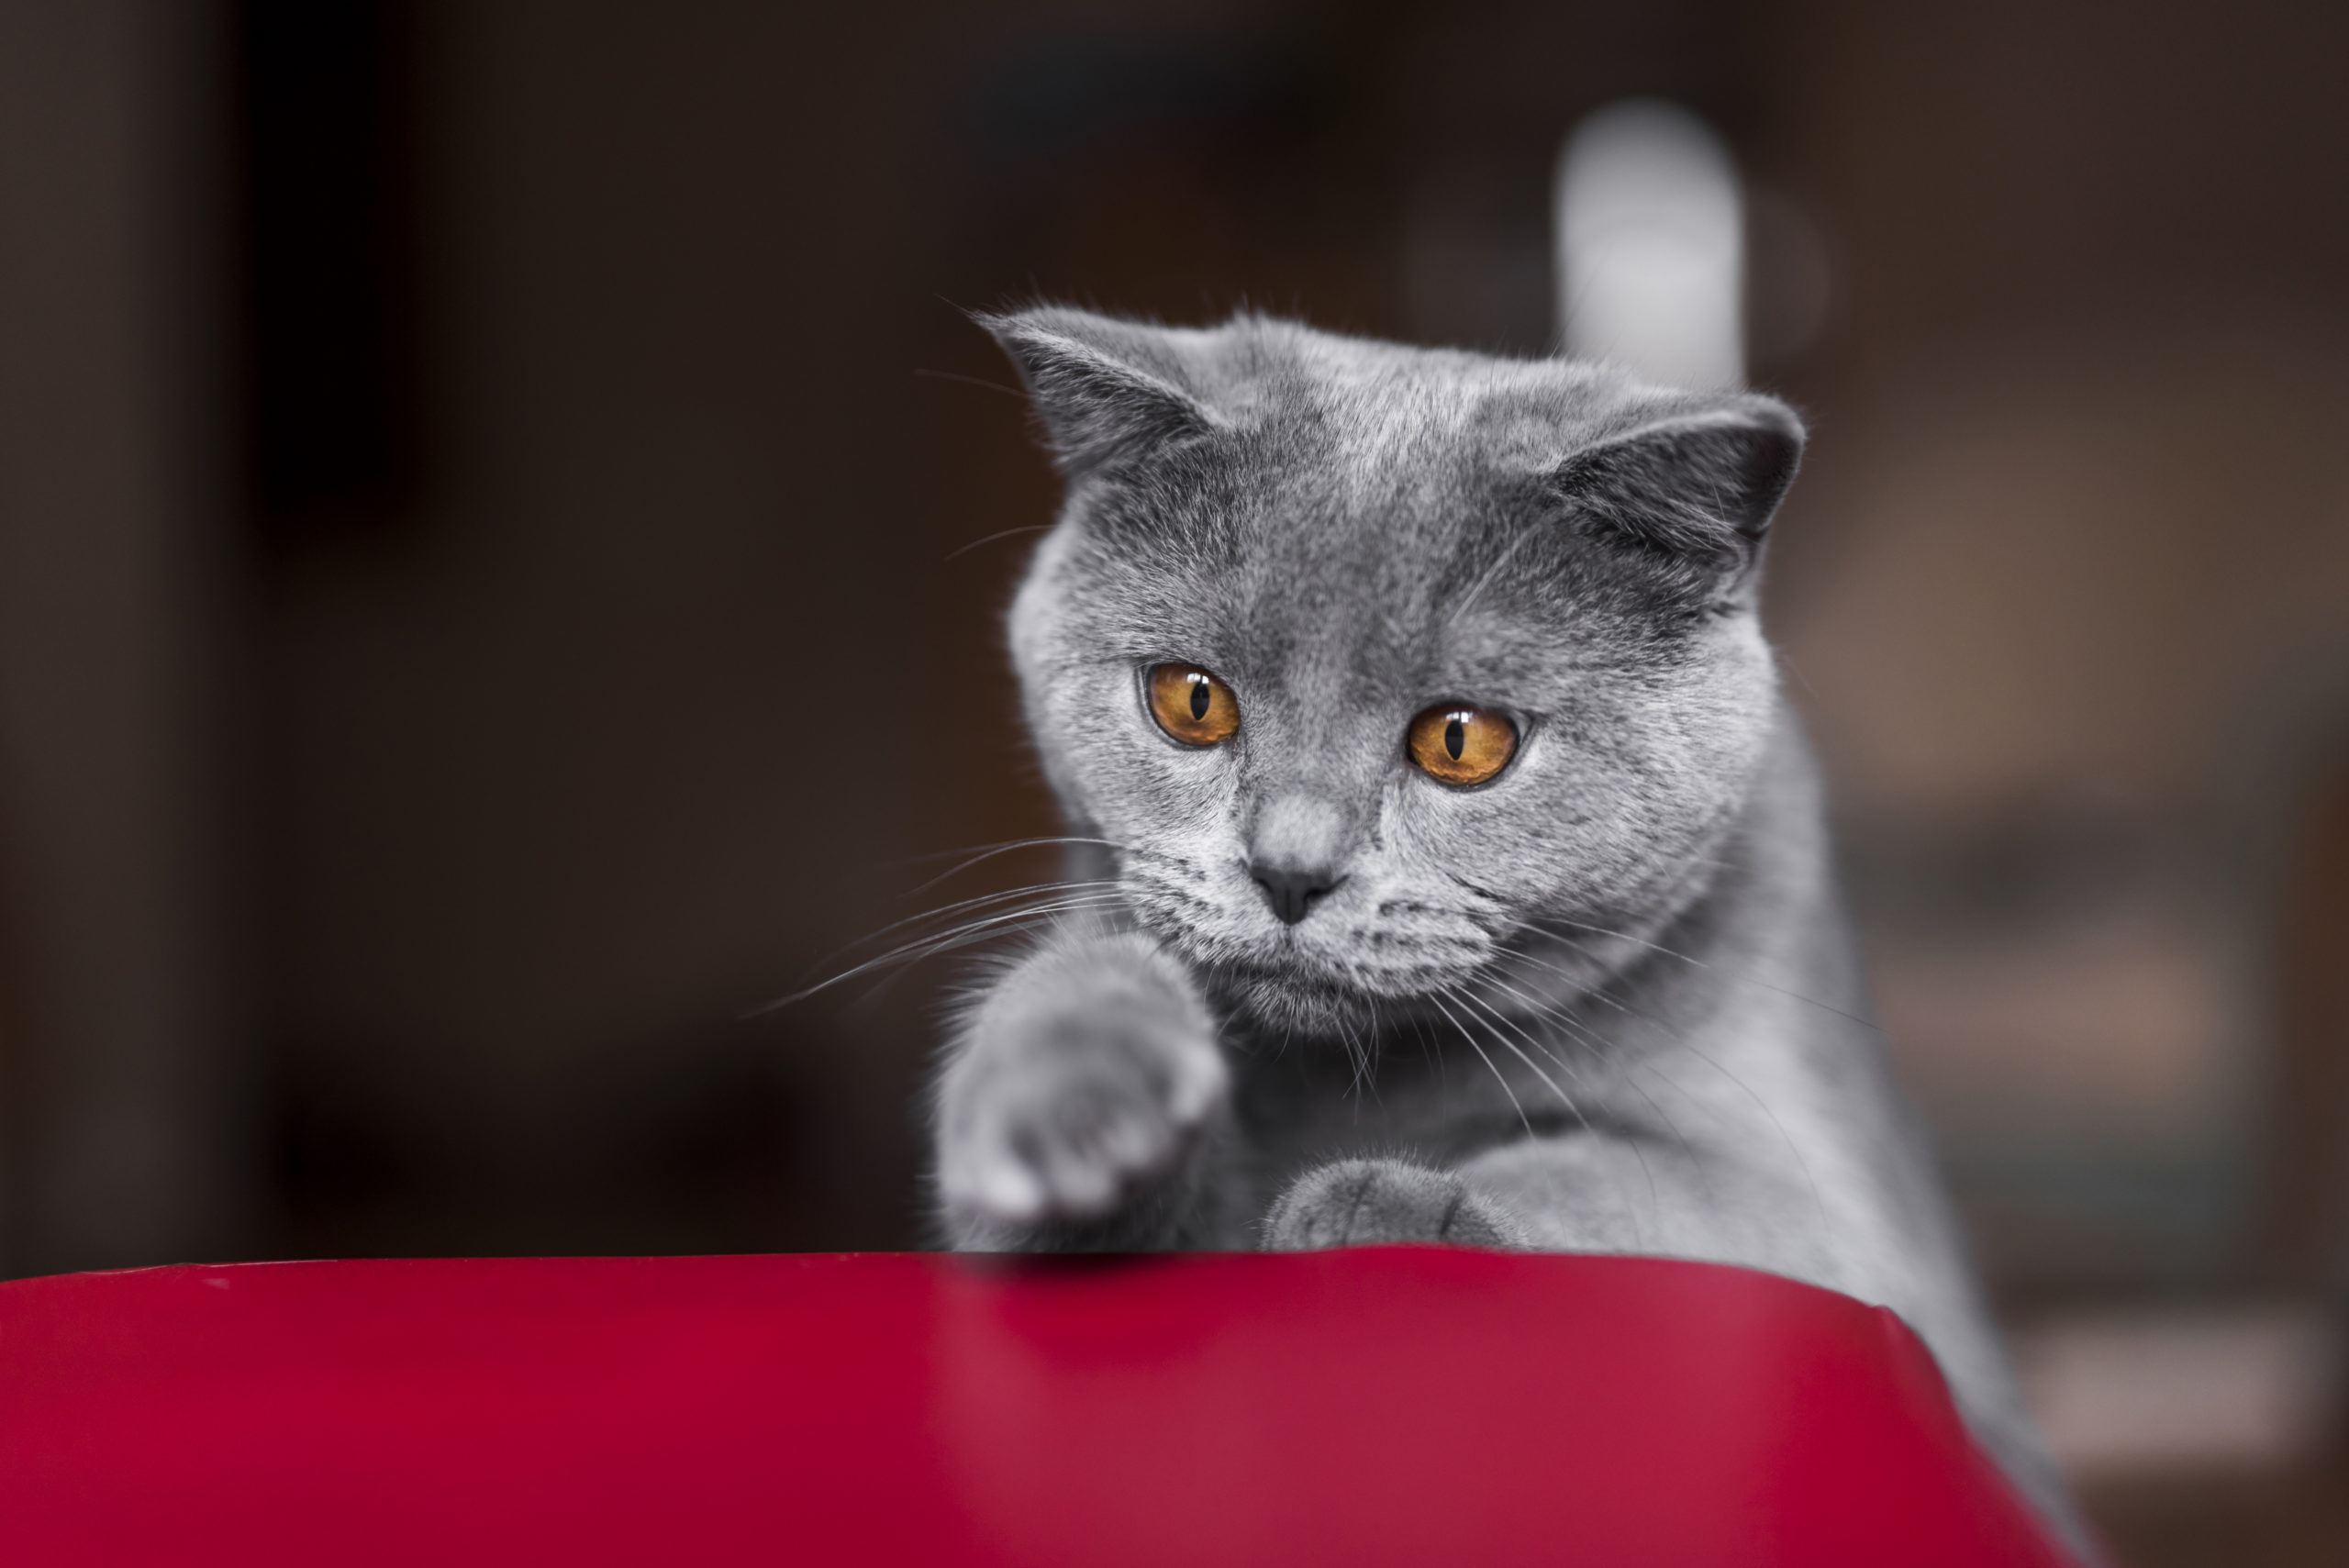 猫の感情は耳の角度で分かる?【よく聞くイカ耳の正体とは】